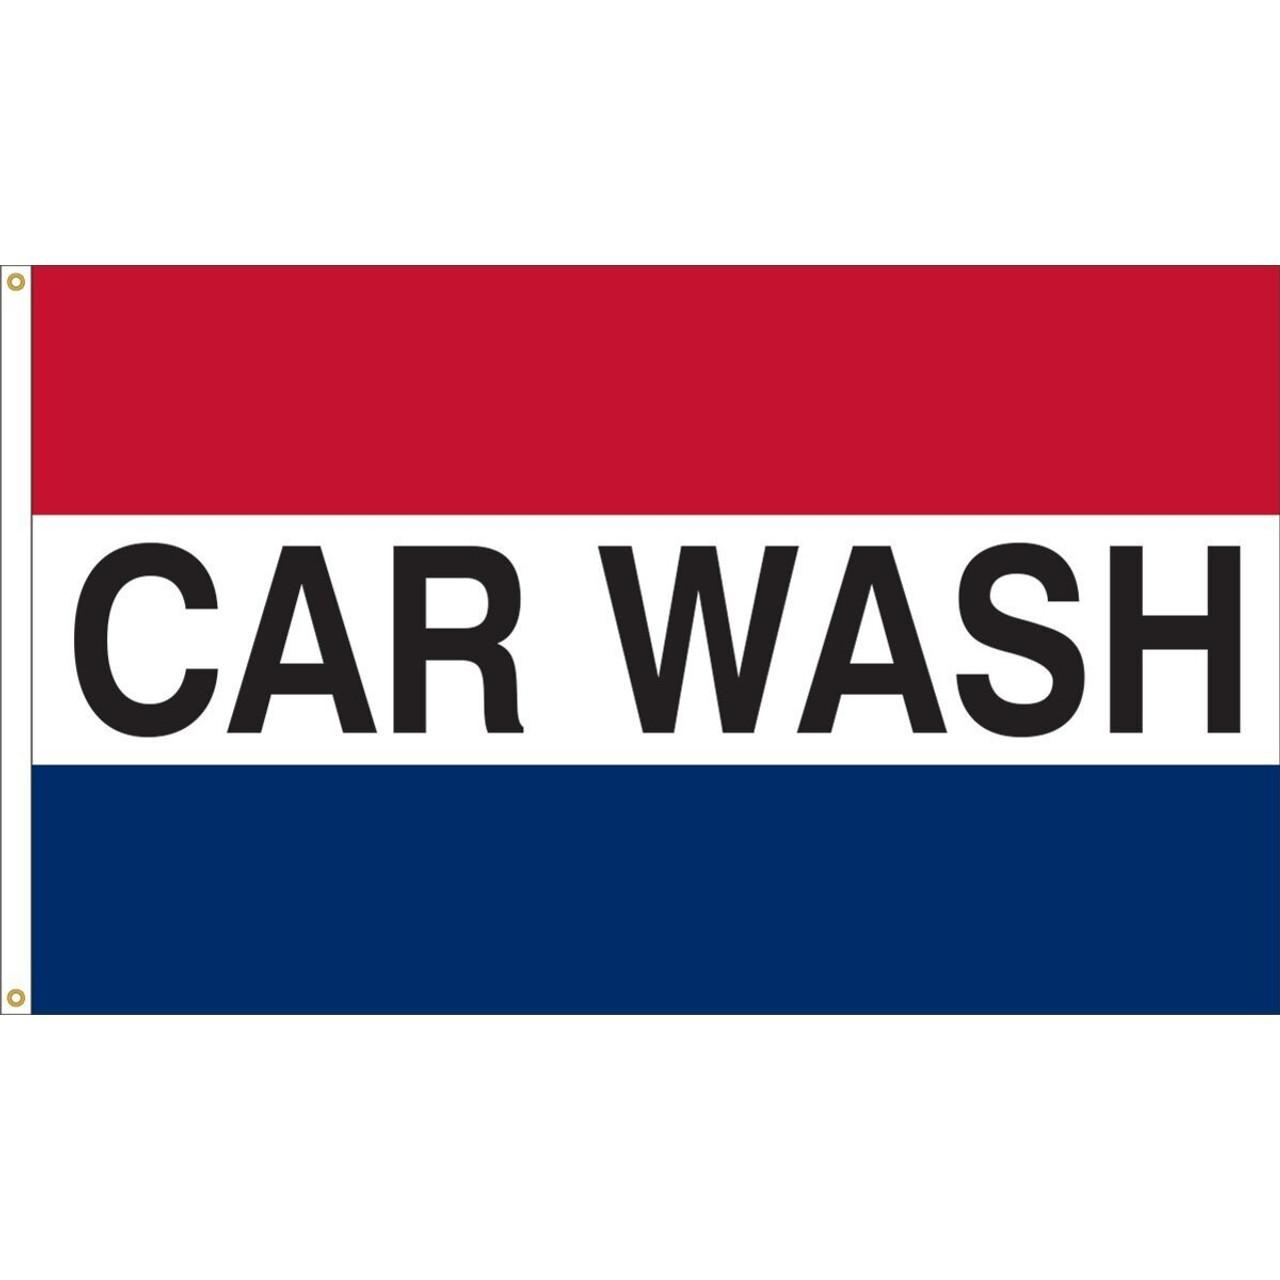 Car Wash Flag